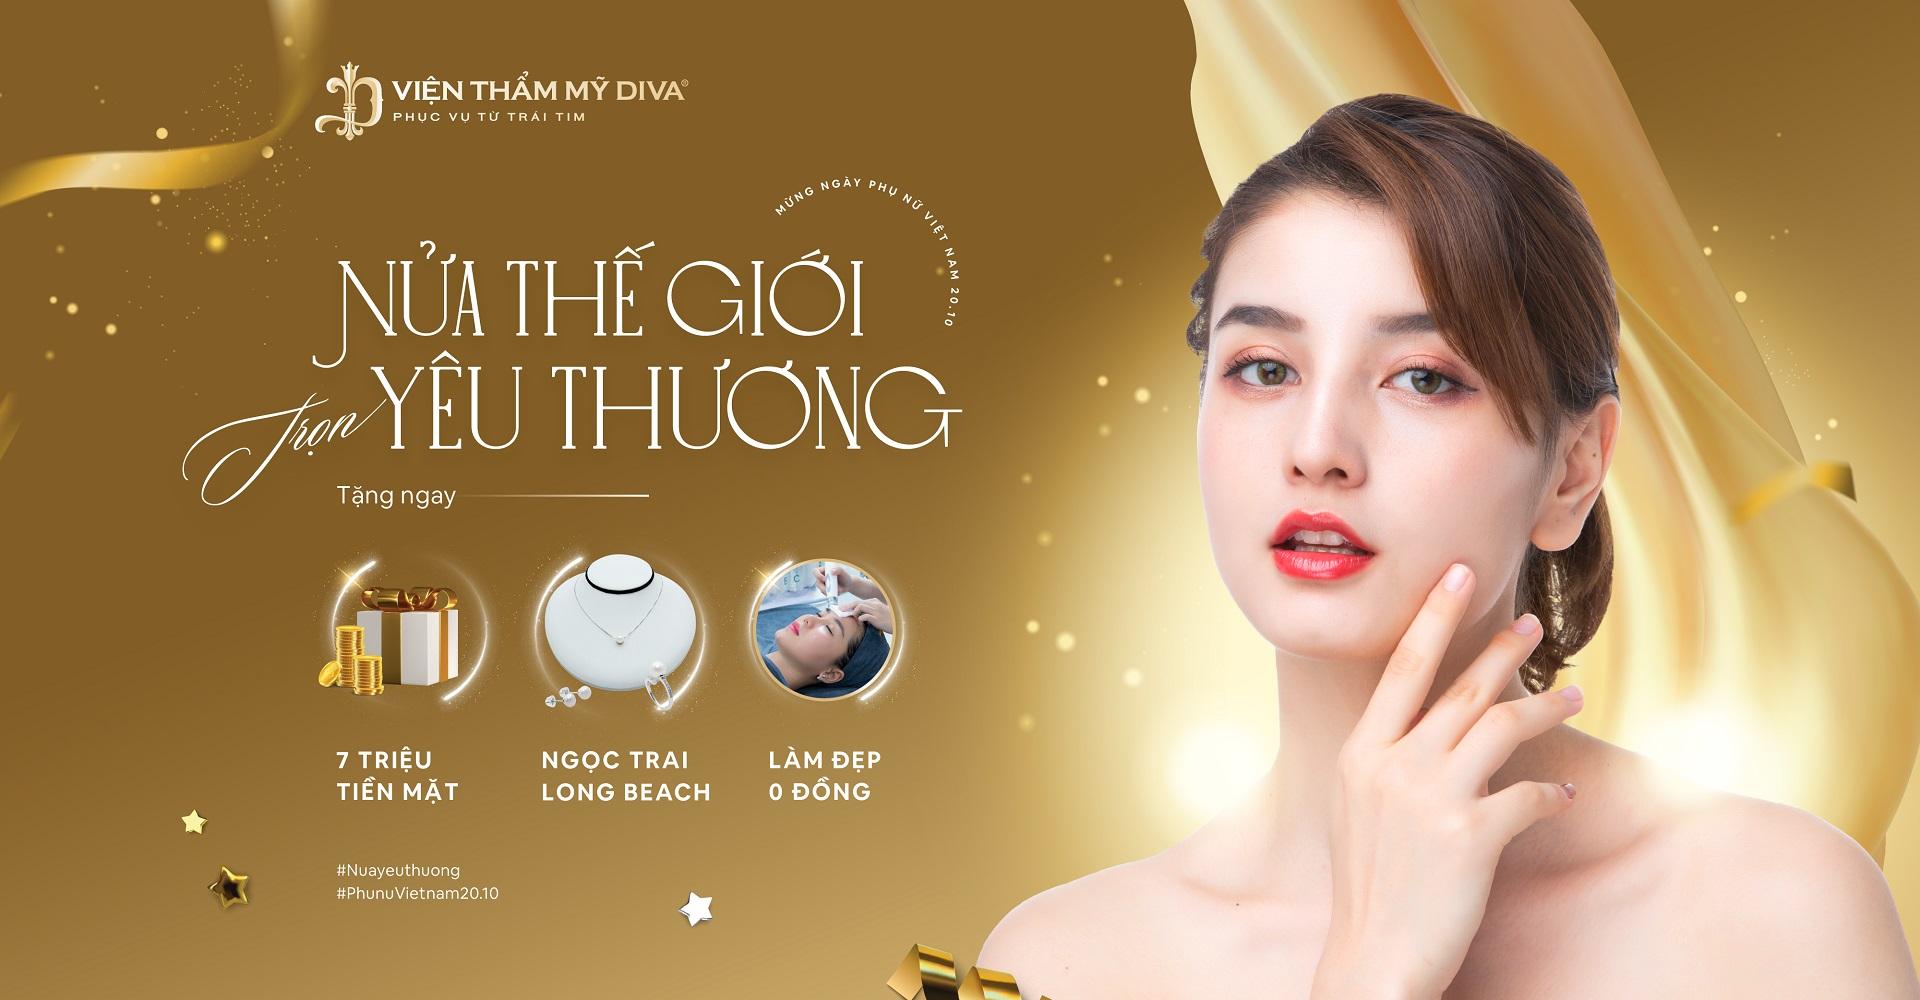 nua-the-gioi-tron-yeu-thuong (1)